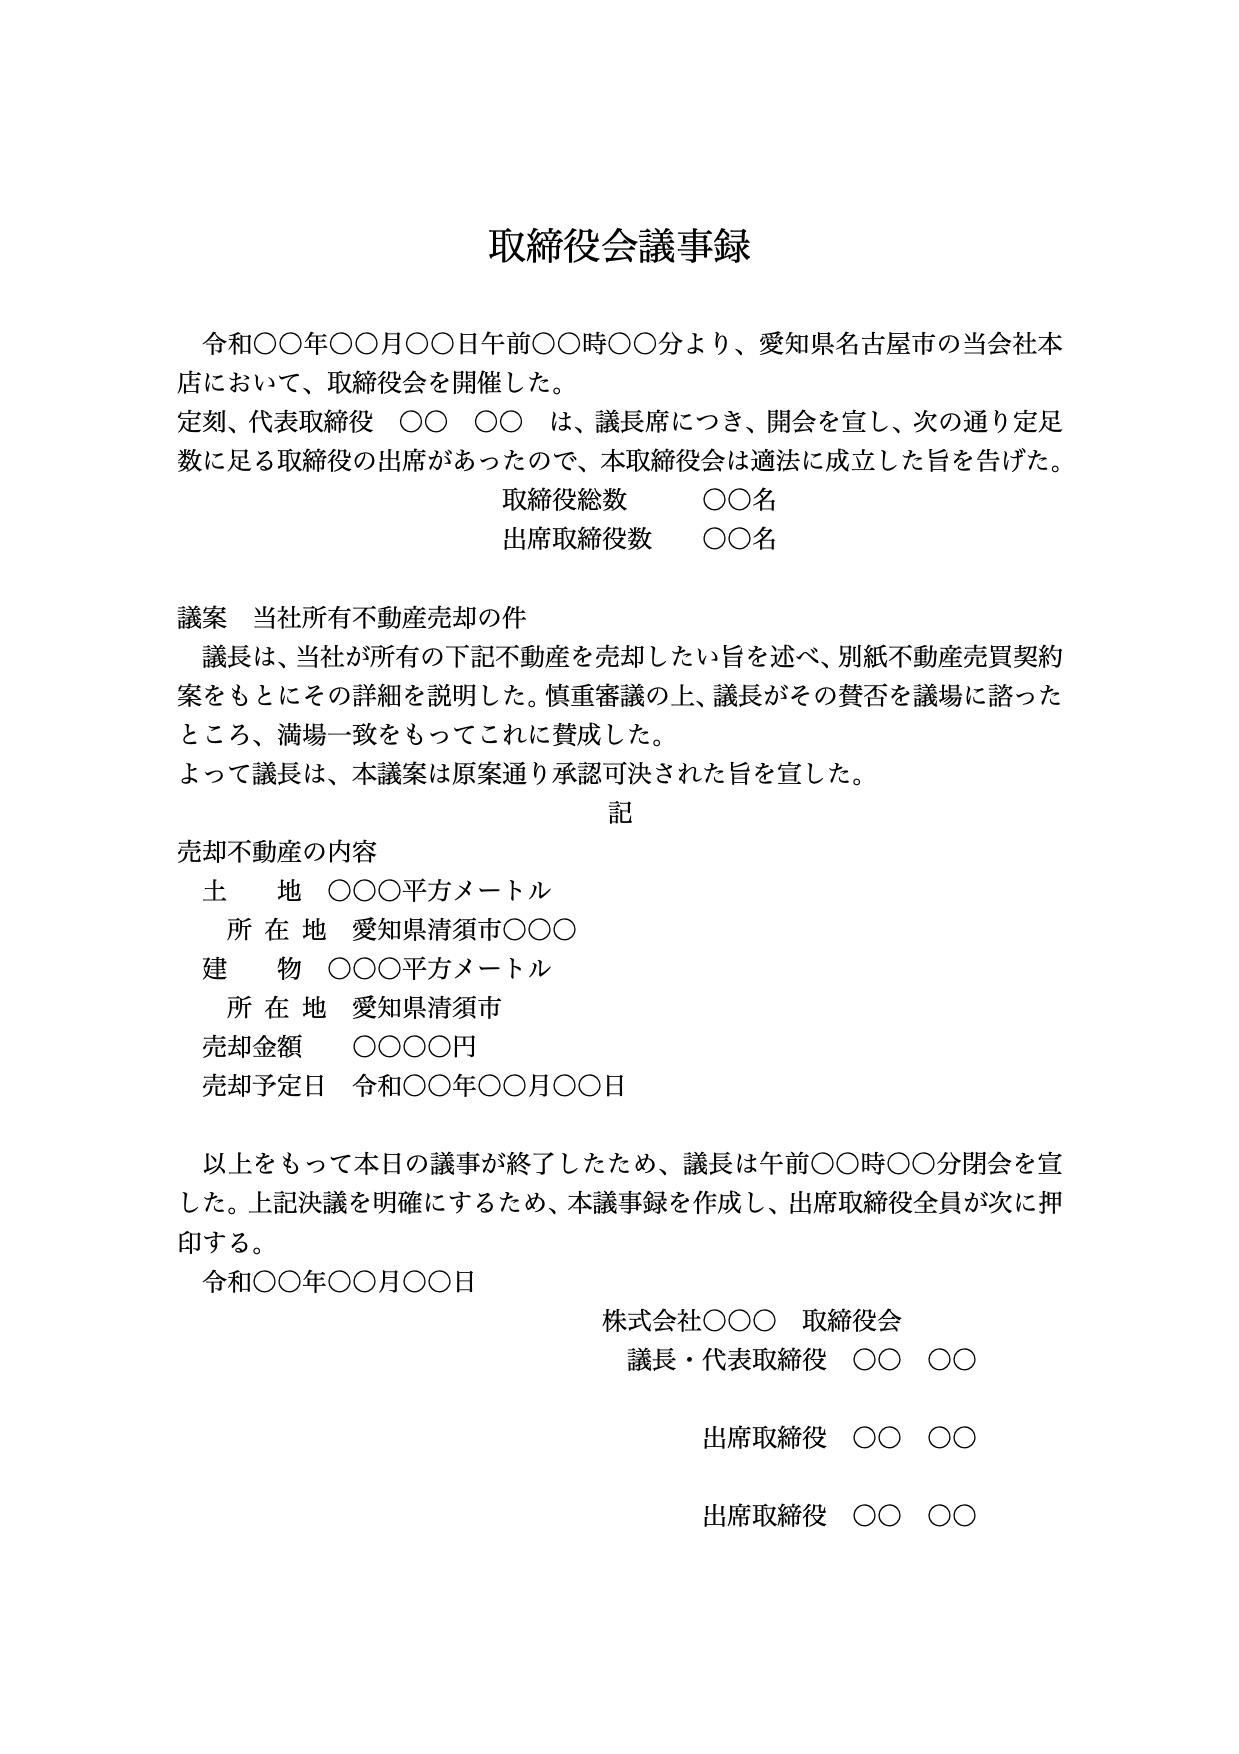 取締役会議事録(土地売却)